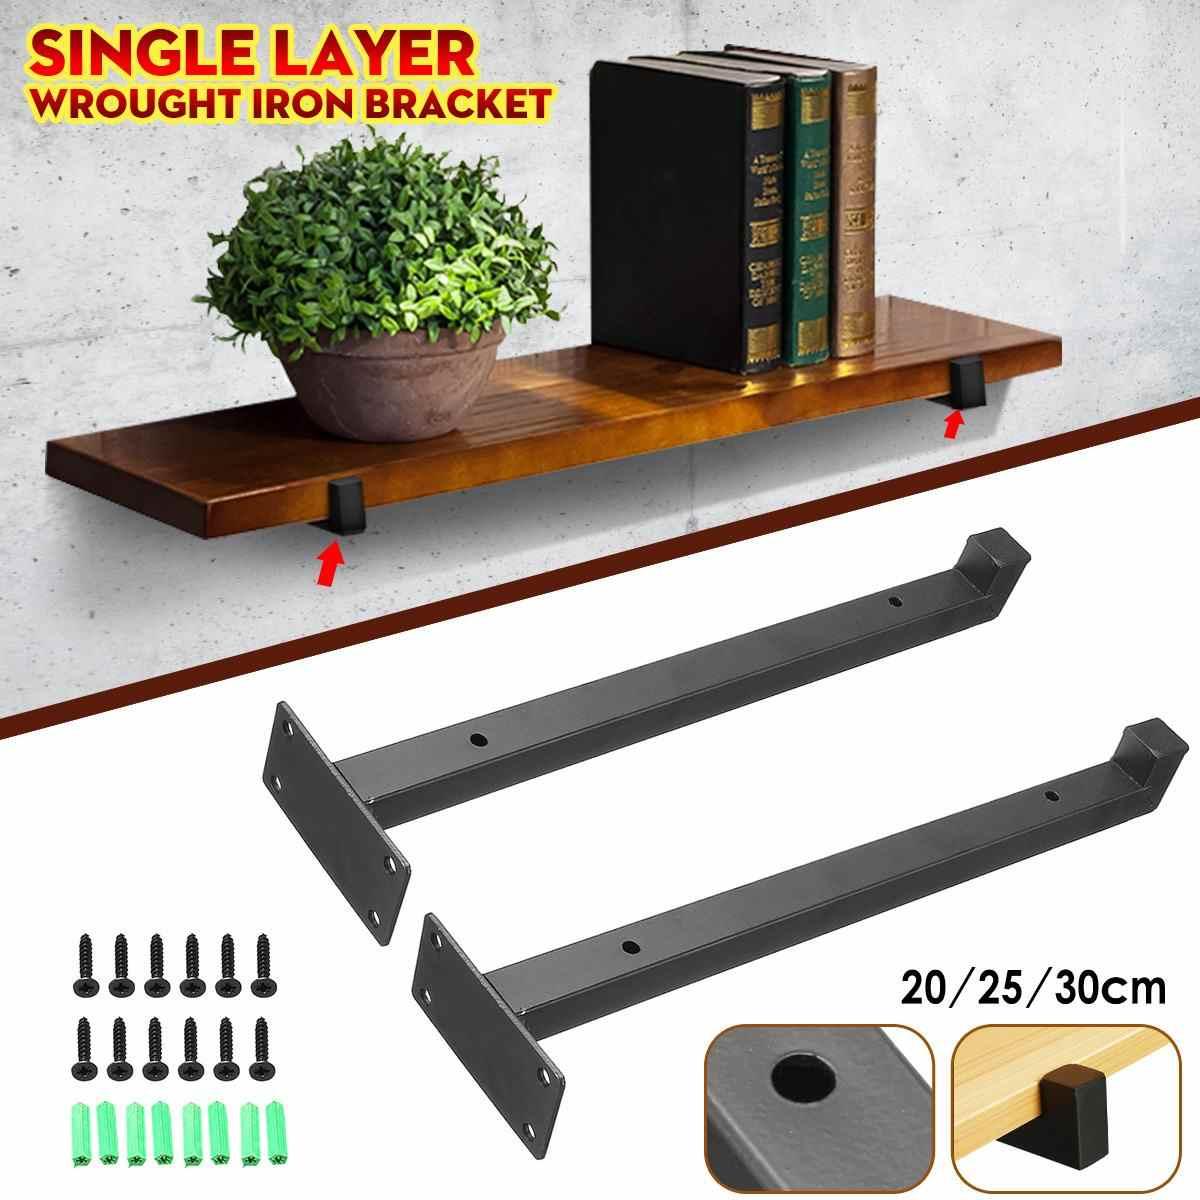 2pcs Wall Mounted Shelf Bracket Heavy Duty Industrial Iron